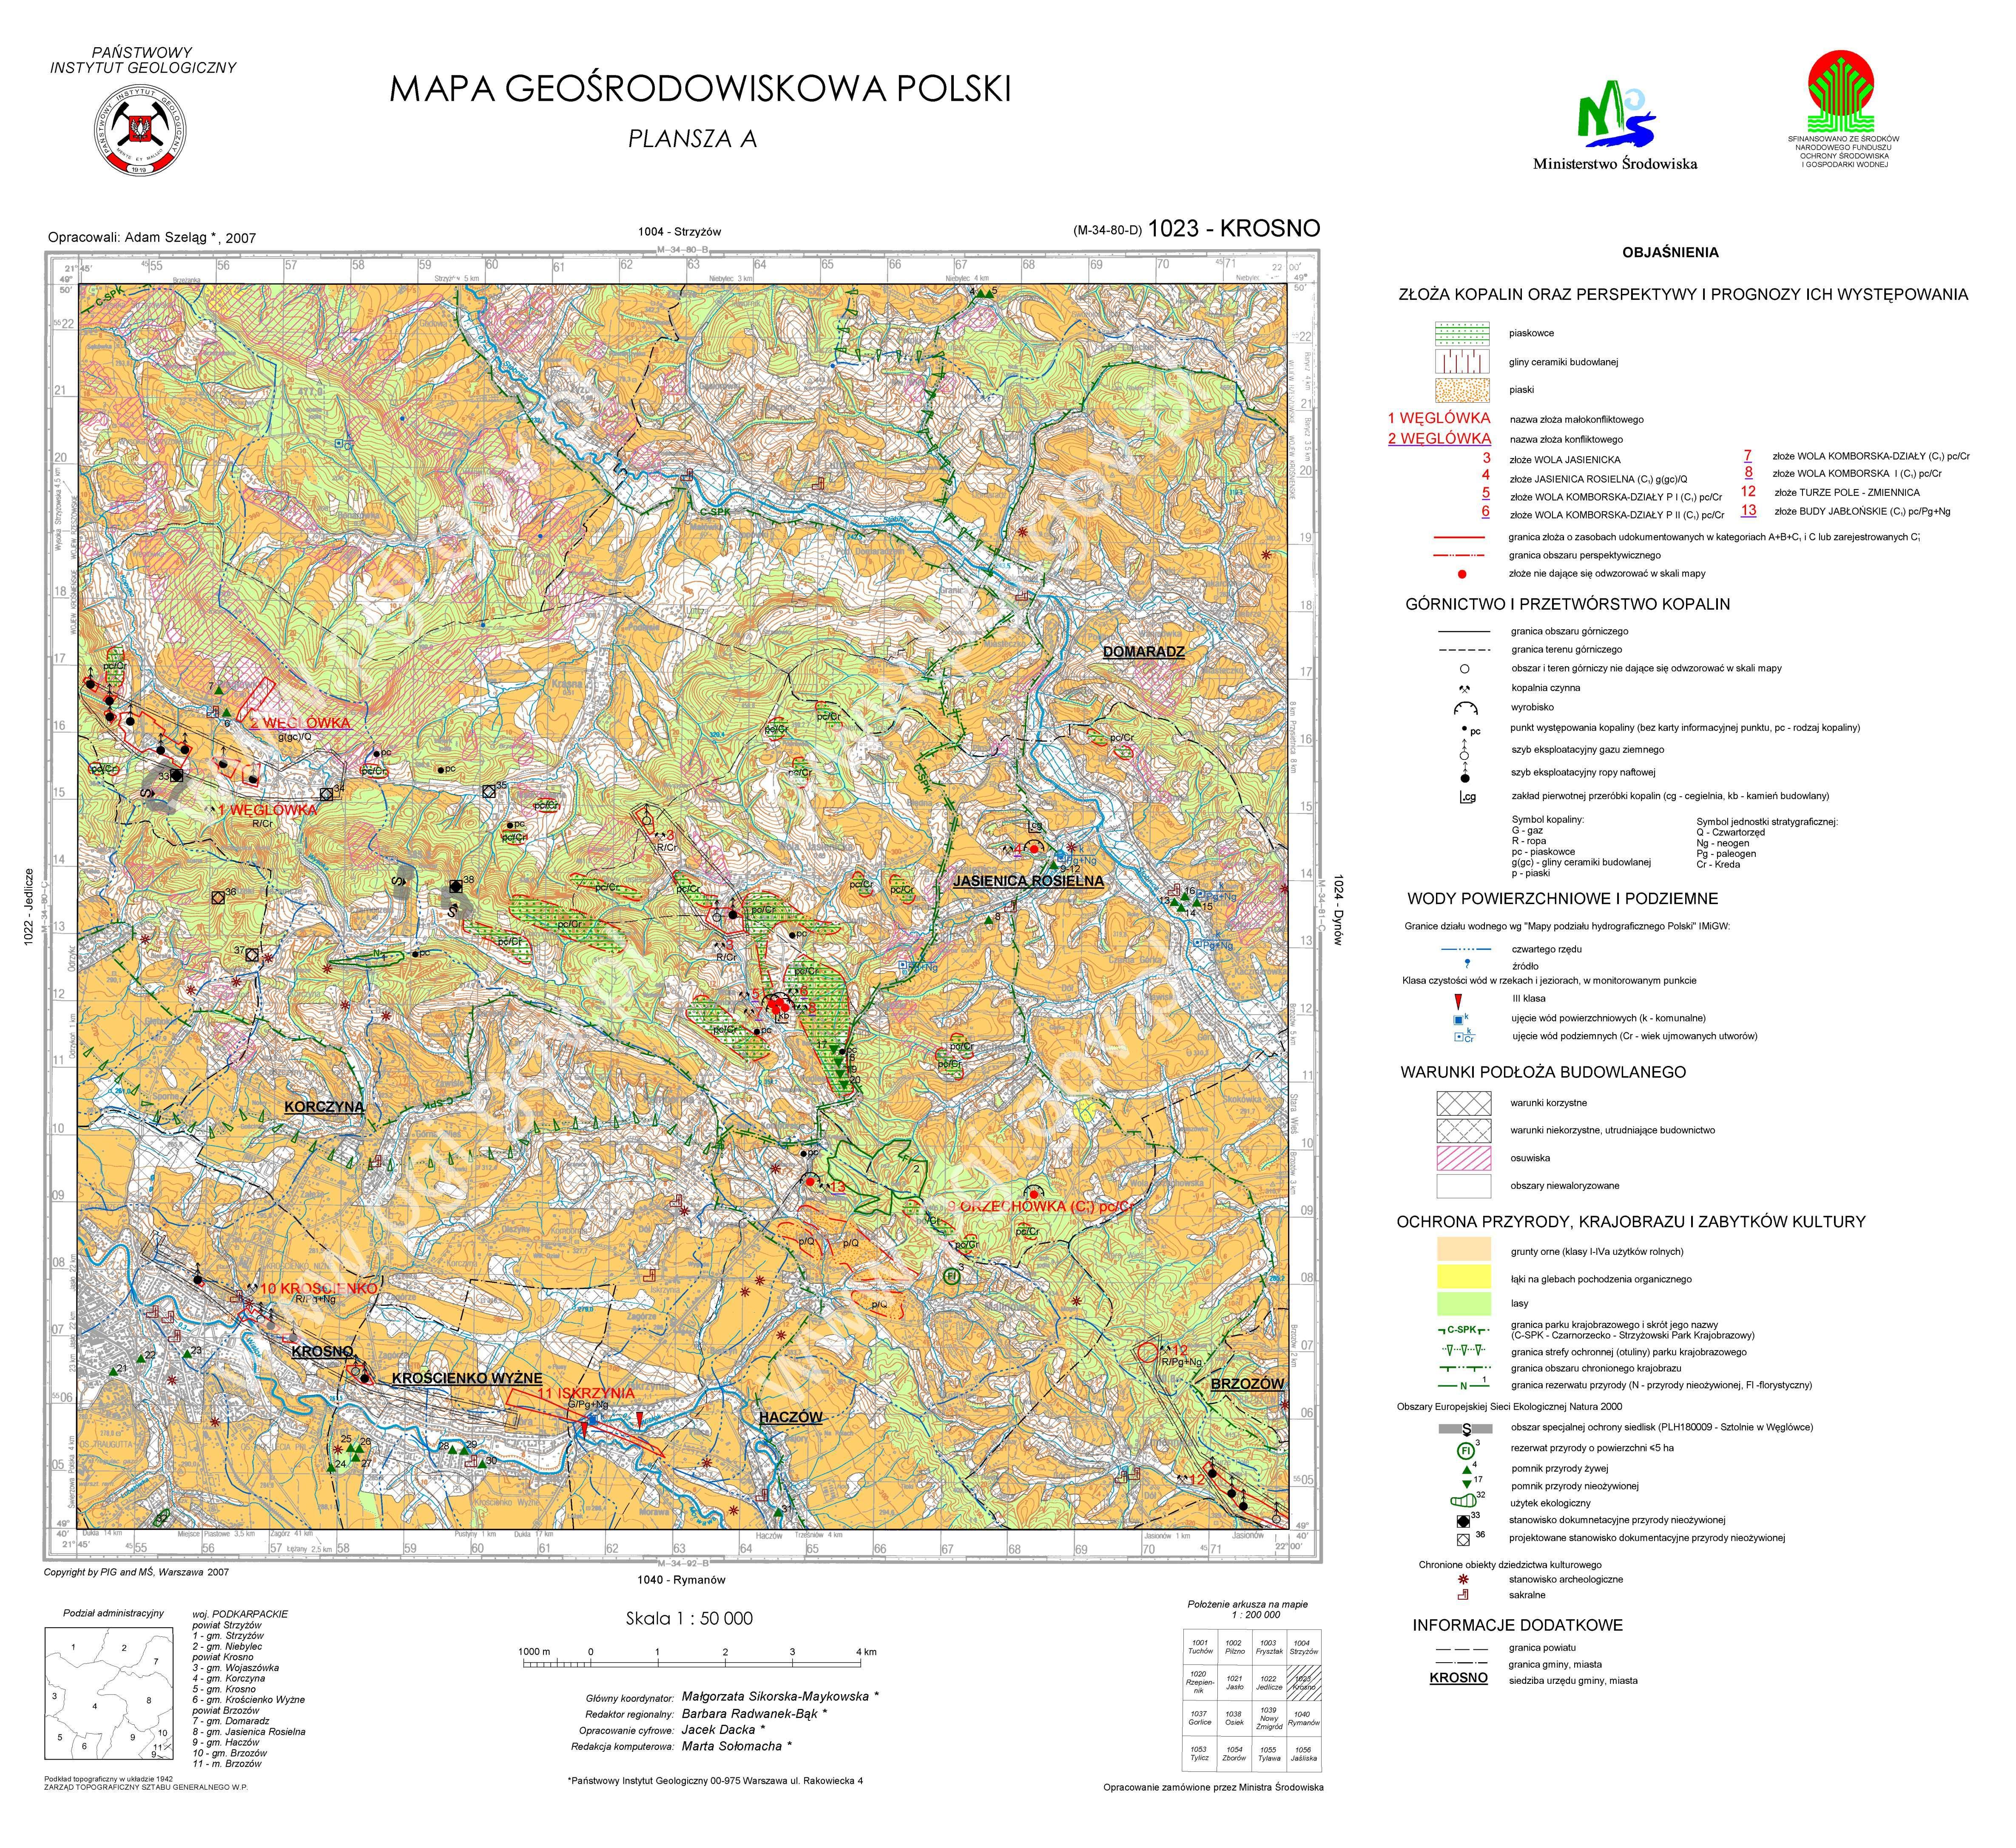 Mapa Geosrodowiskowa Polski 1 50 000 Mgsp Plansza A Arkusz Krosno